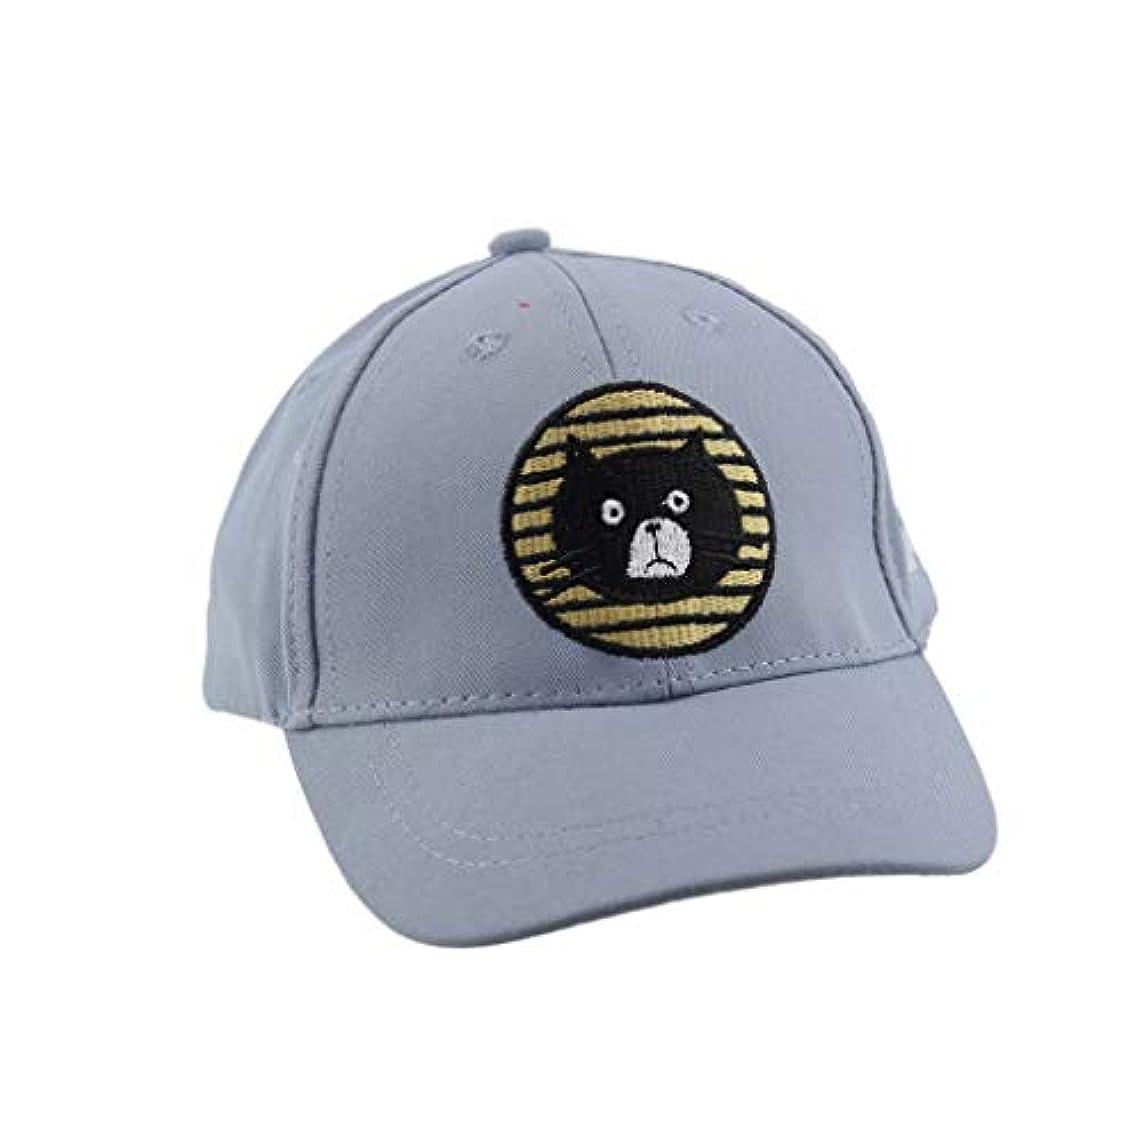 傷つけるエリートたらいKaiweini 春夏新しい漁夫帽子供しゃれ ベビー帽 通気性抜群 日除け UVカット 紫外線対策スポーツ帽子男女兼用 速乾 軽薄 日よけ野球帽